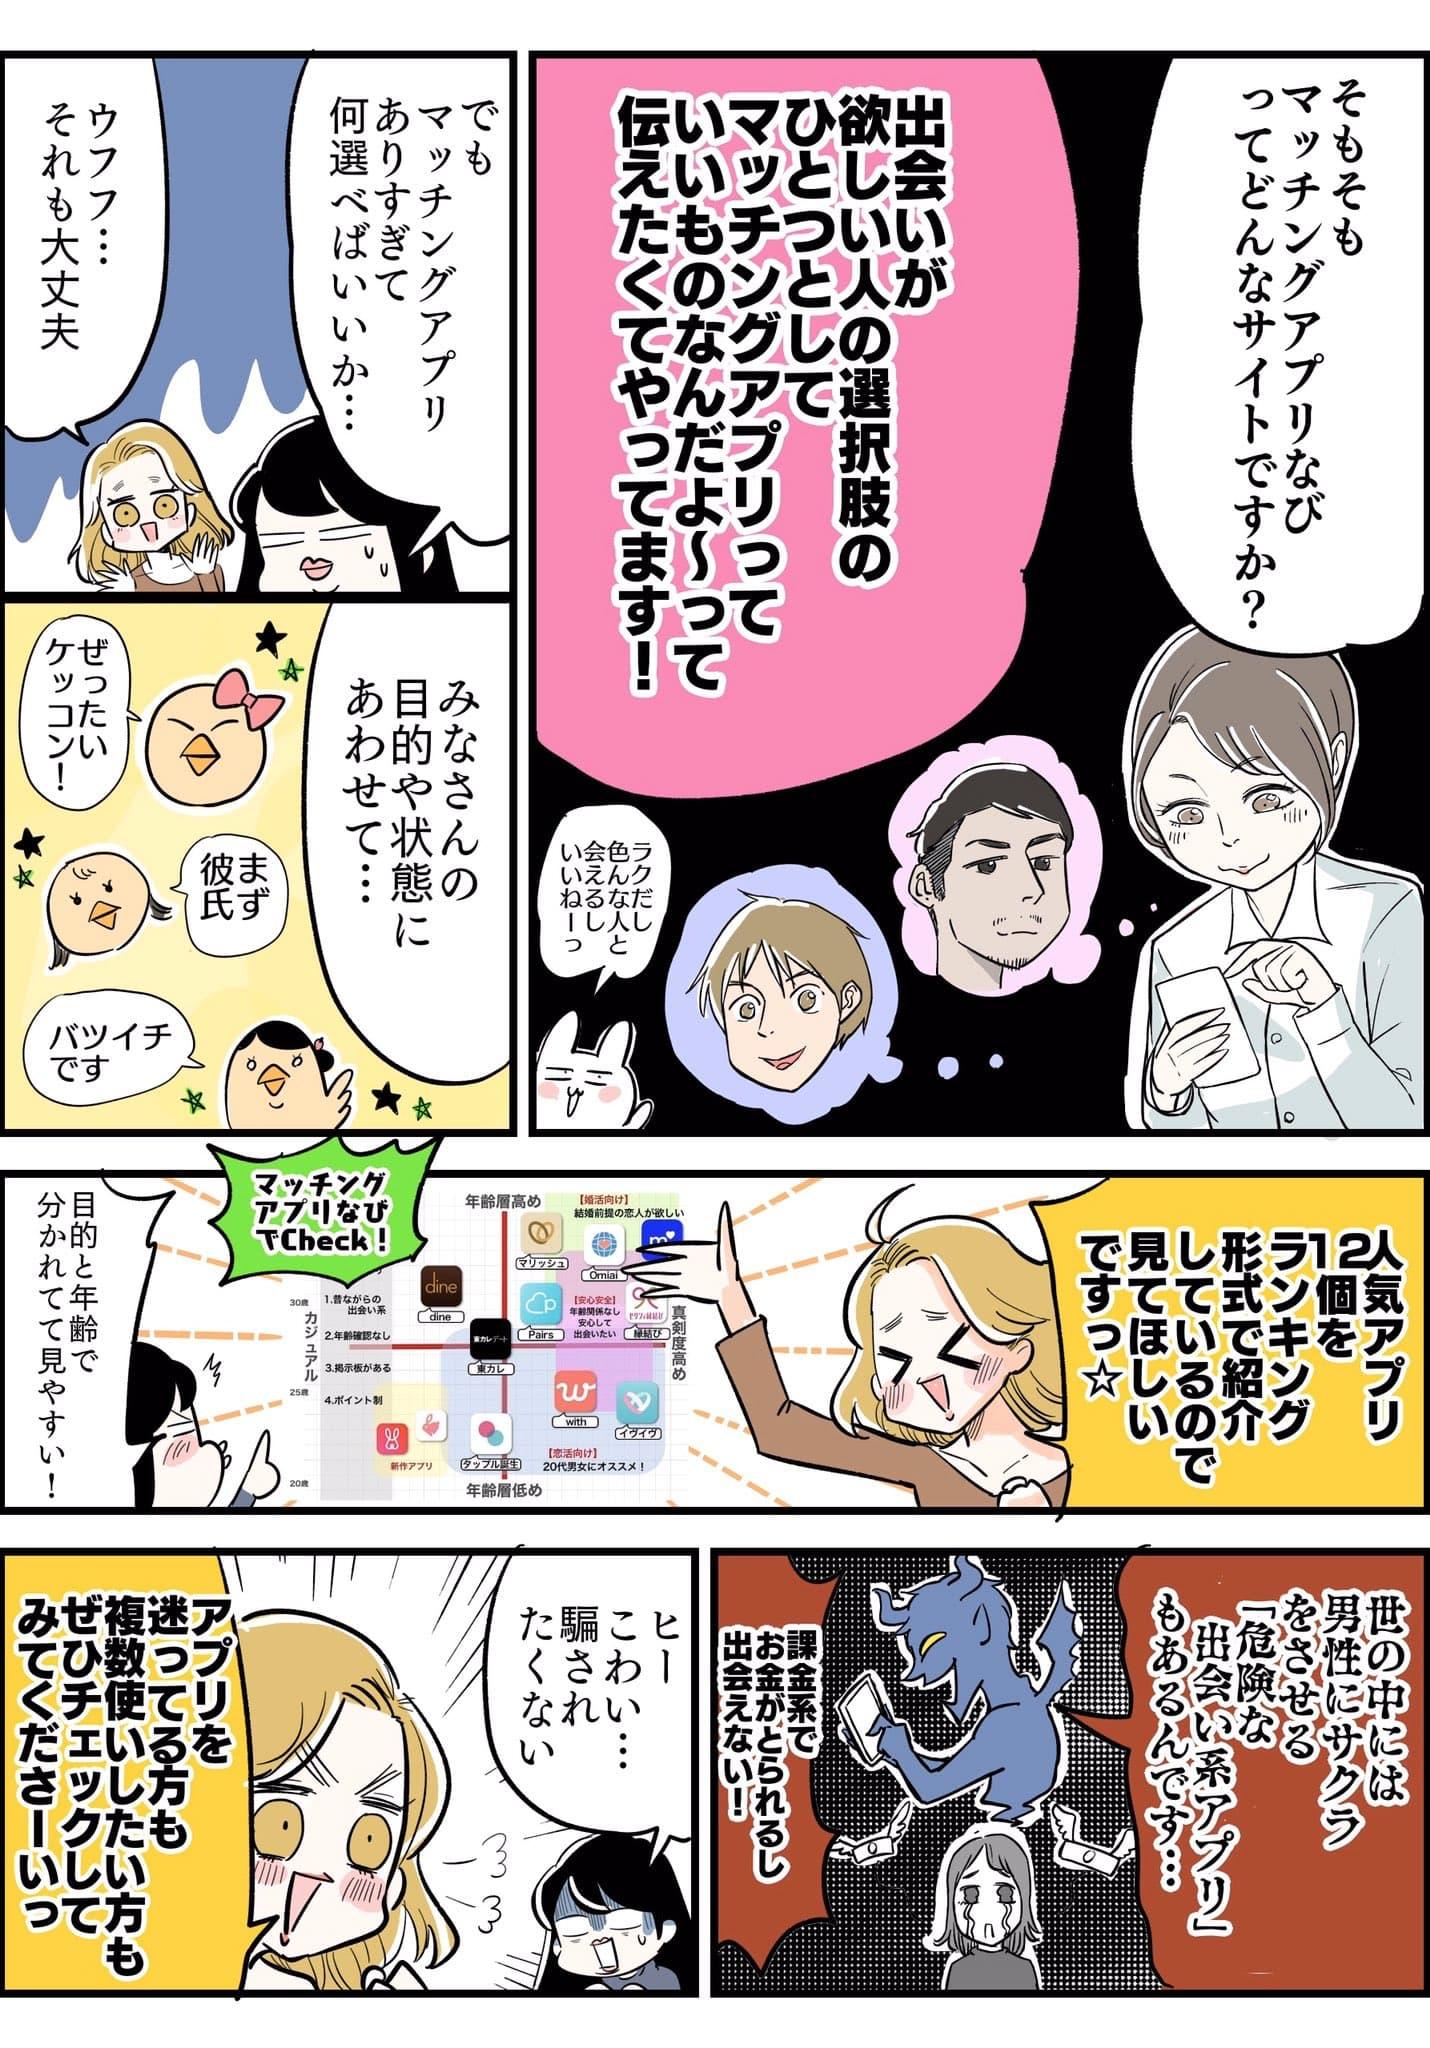 マッチングアプリなび あんじゅ先生 取材漫画3